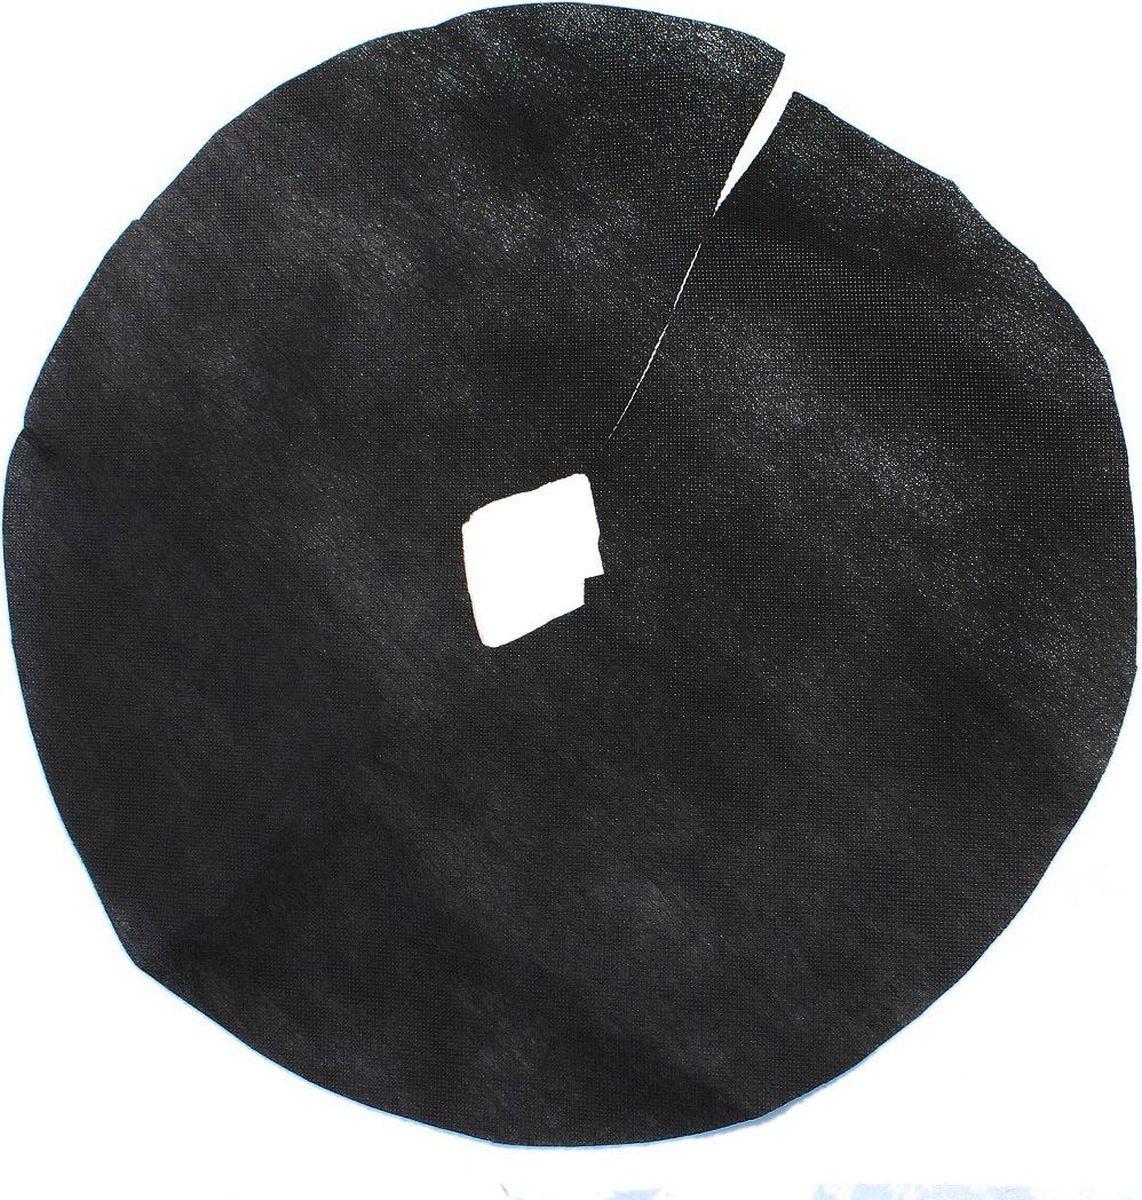 Круг приствольный Агротекс, цвет: черный, диаметр 0,8 м, 5 шт09840-20.000.00Приствольный круг облегчает уход за растениями, обеспечивает почве свободную вентиляцию и «дыхание», сохраняя влагу.Используя приствольный круг «Агротекс»:вы можете навсегда забыть о прополке и придать своему саду аккуратный, ухоженный видвы защитите свои посадки от холода и поможете им пережить резкие колебания температурвы улучшите аэрацию и дренаж почвывы сохраните влагу и уменьшите испарение.Круг экологичен и прост в использовании: взрыхлите и разровняйте почву вокруг ствола, расстелите приствольный круг (сторона не имеет значения) и надёжно присыпьте края землёй или гравием.